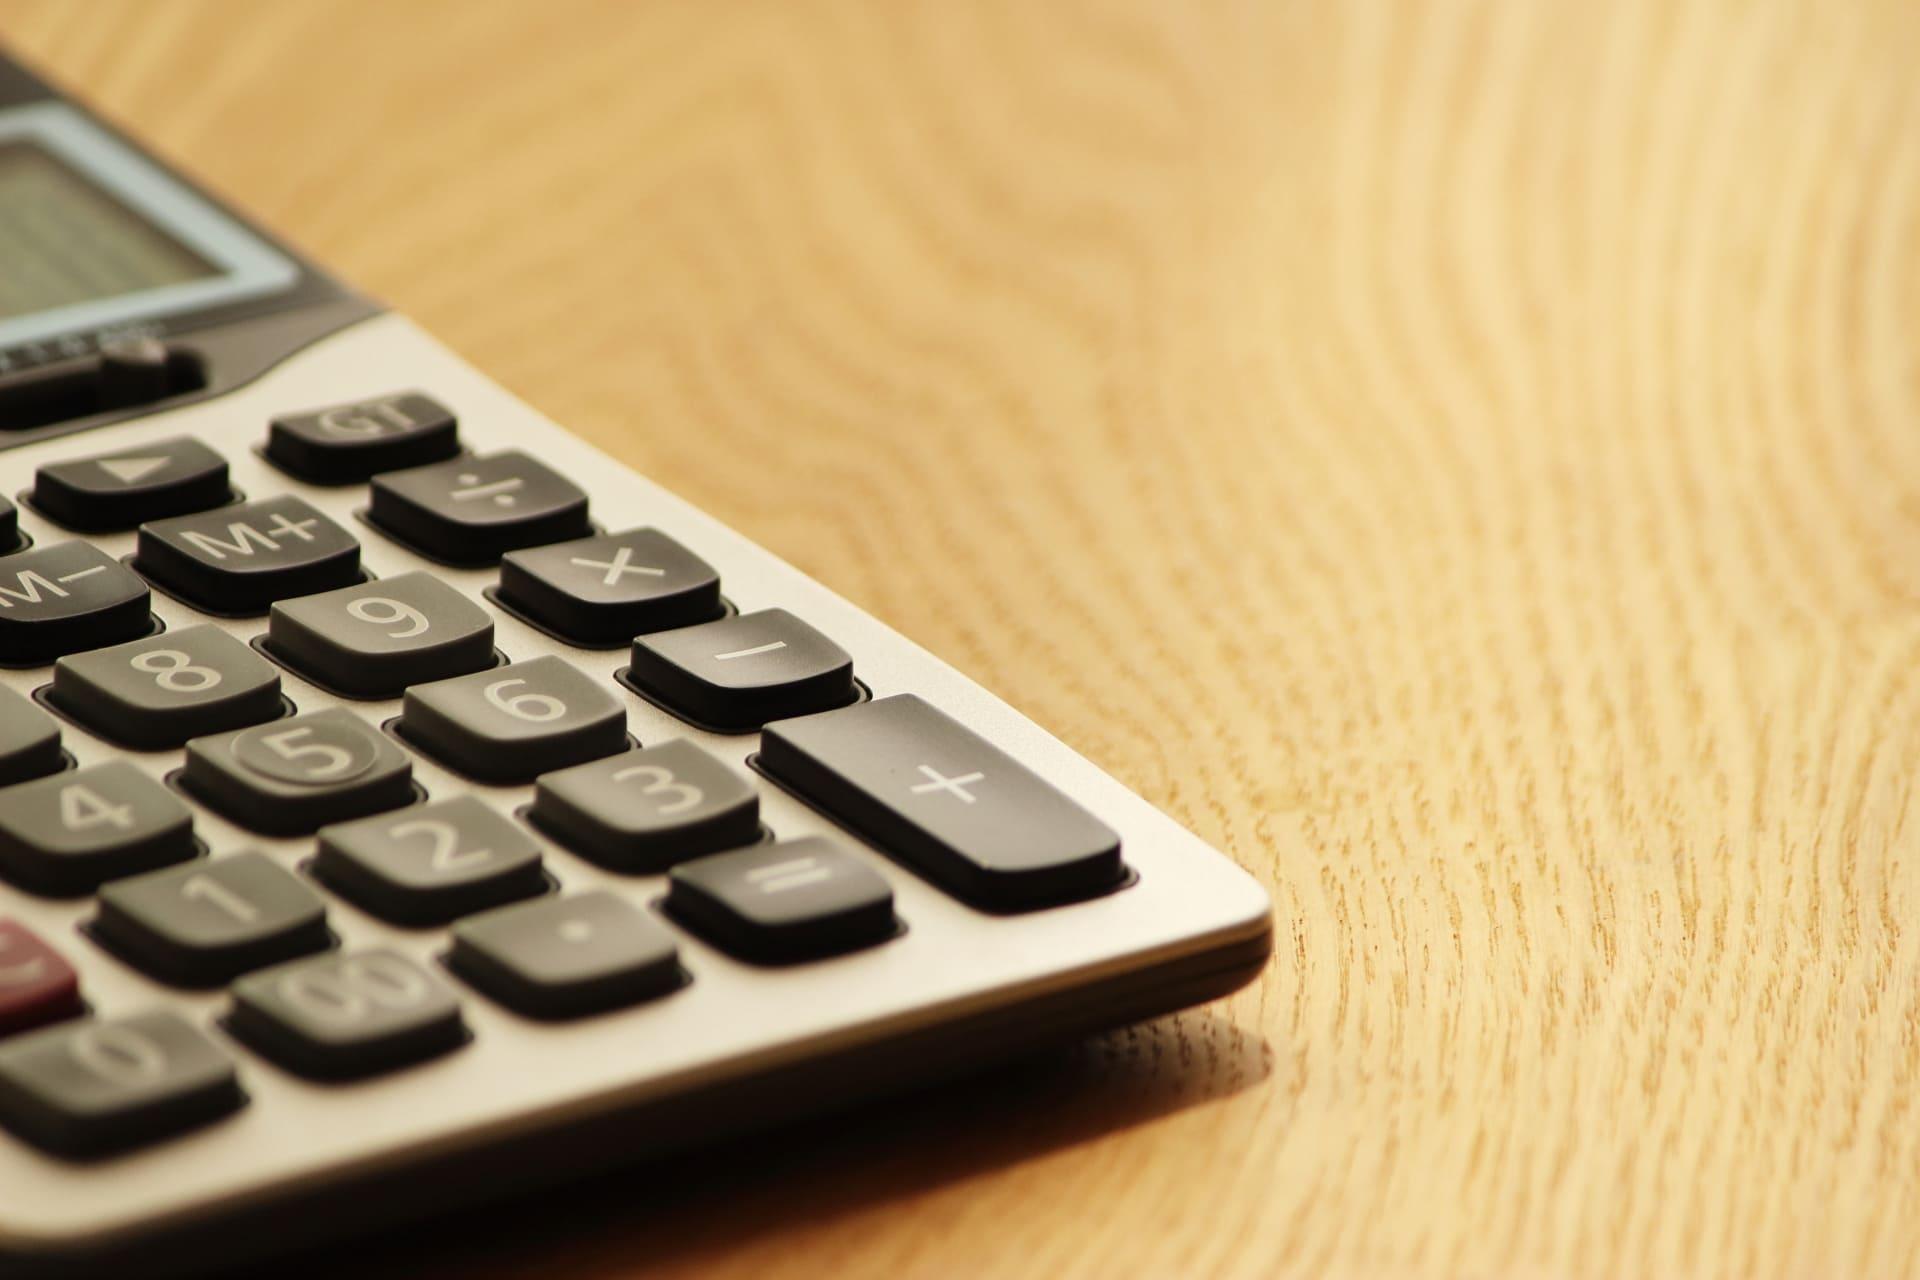 貸金業界の市場規模を計算